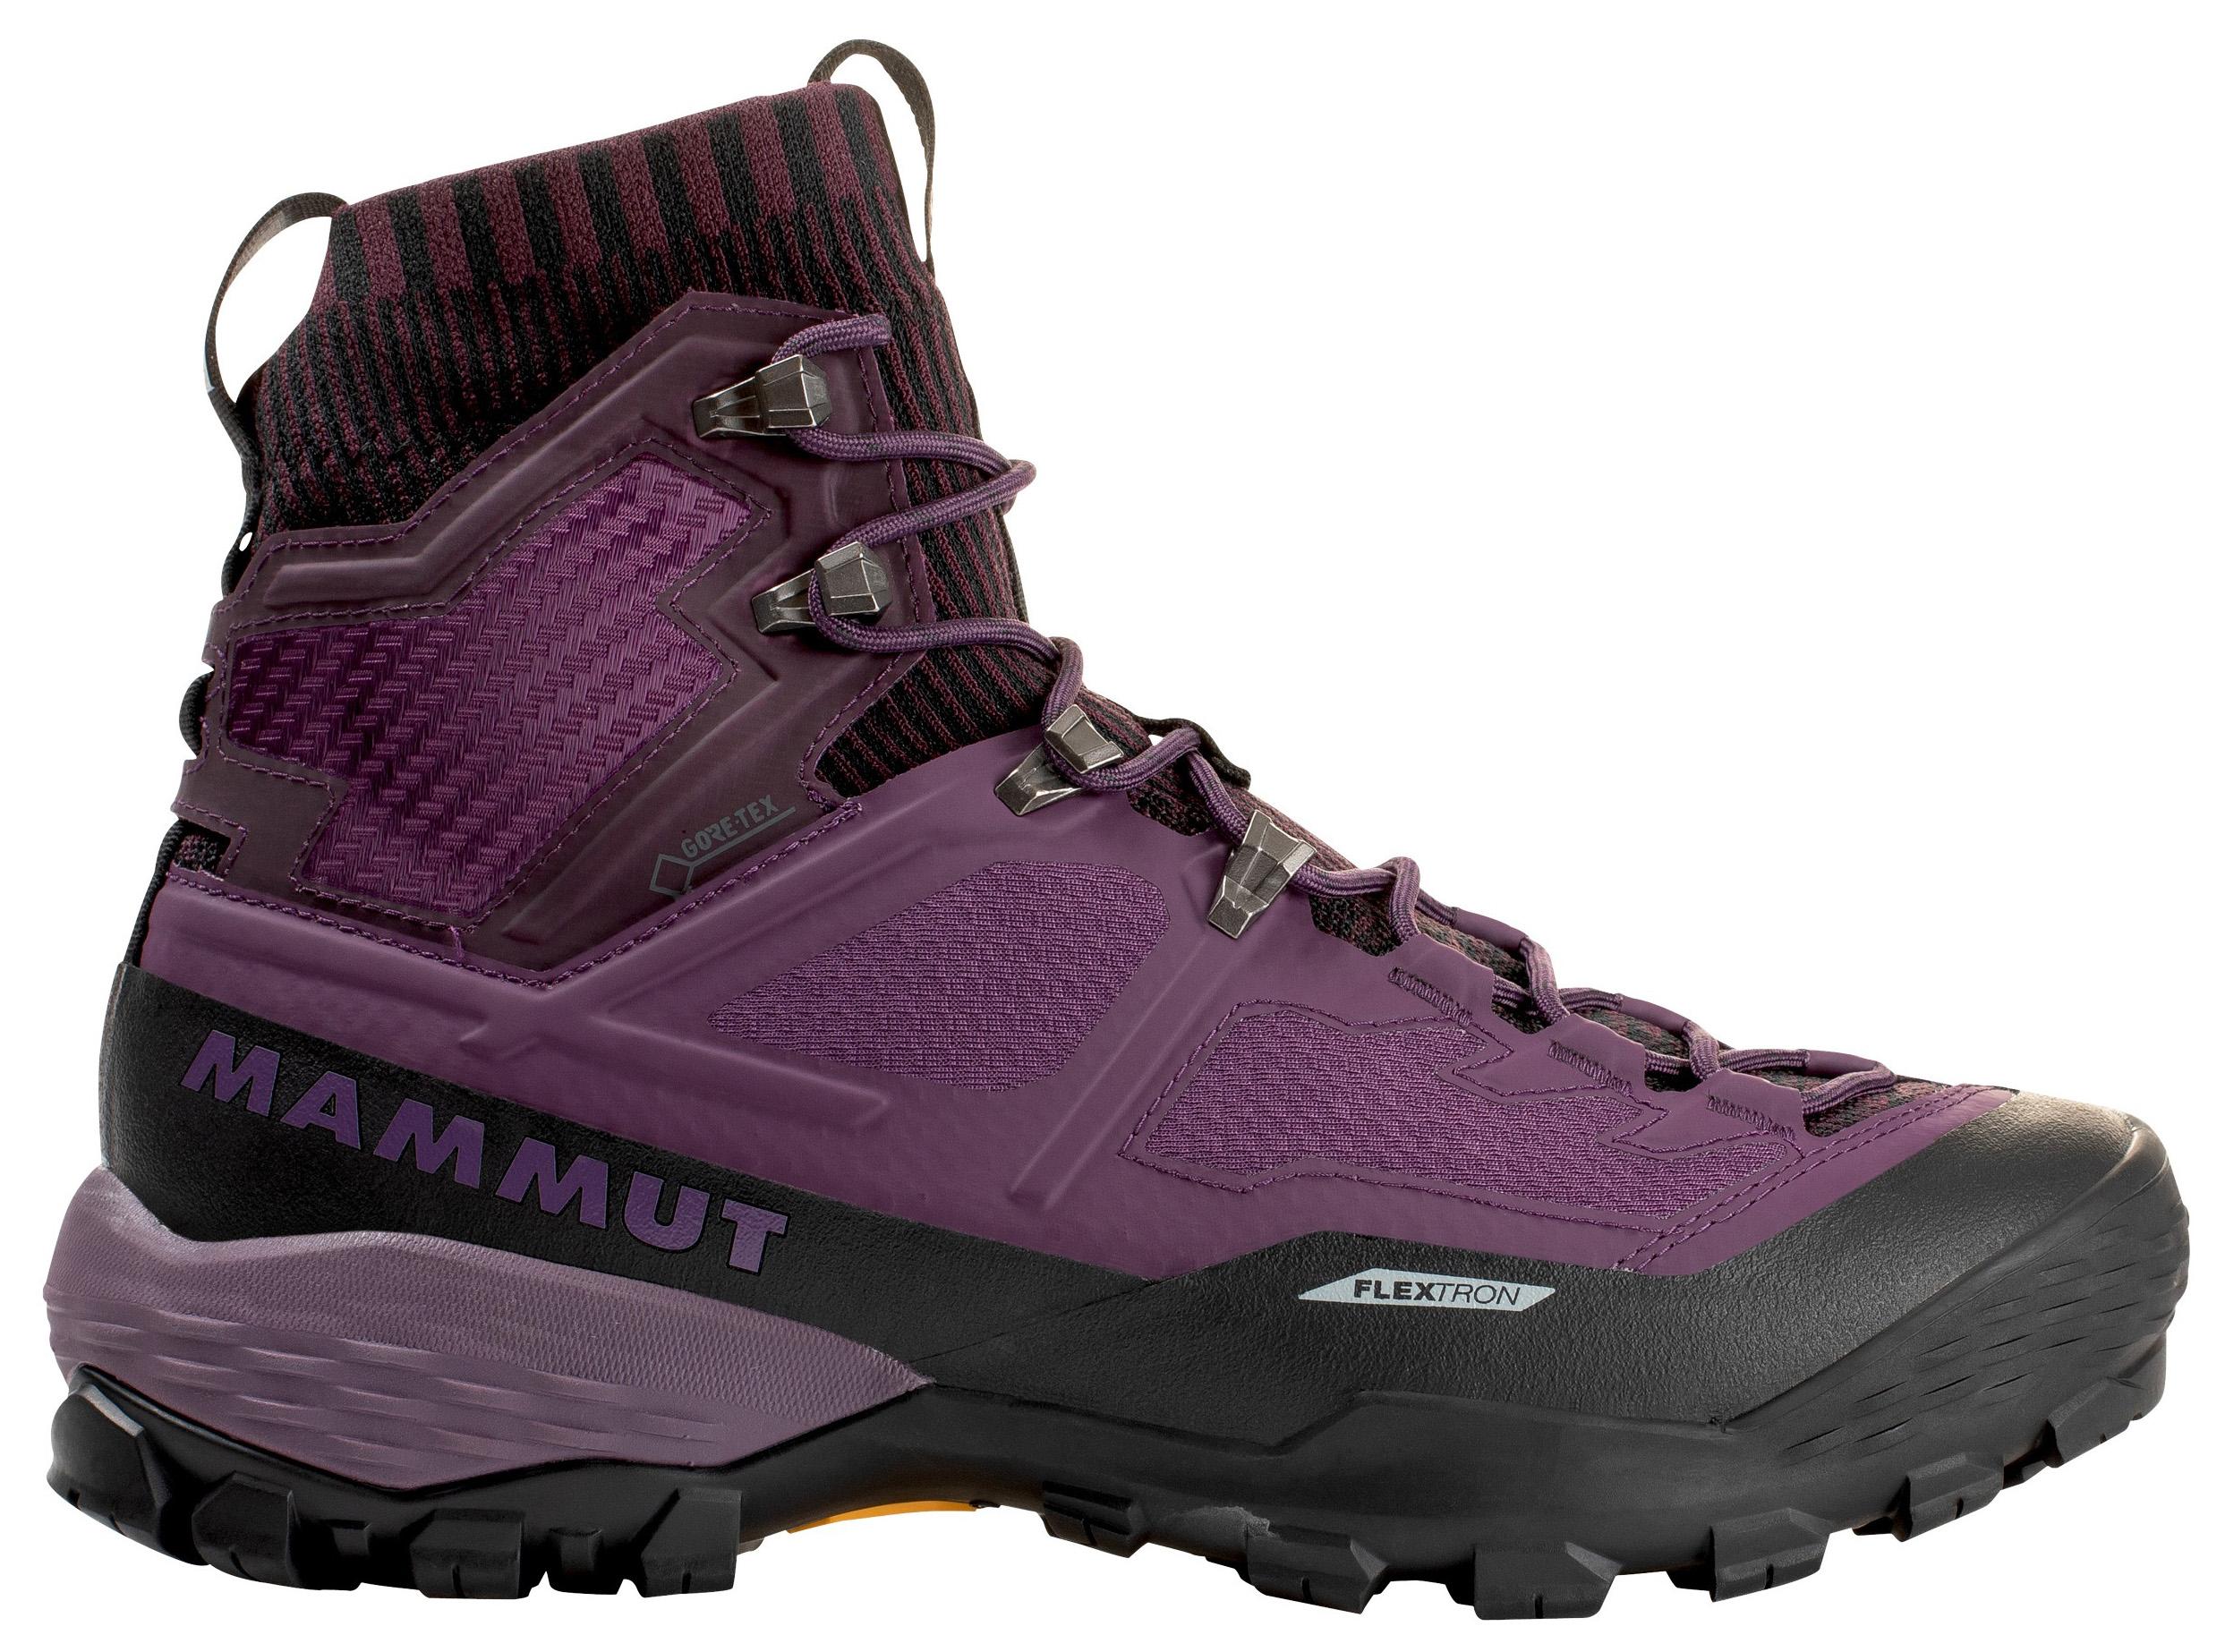 offizieller Shop Waren des täglichen Bedarfs Neupreis Mammut Ducan Knit High GTX Backpacking Boots - Women's